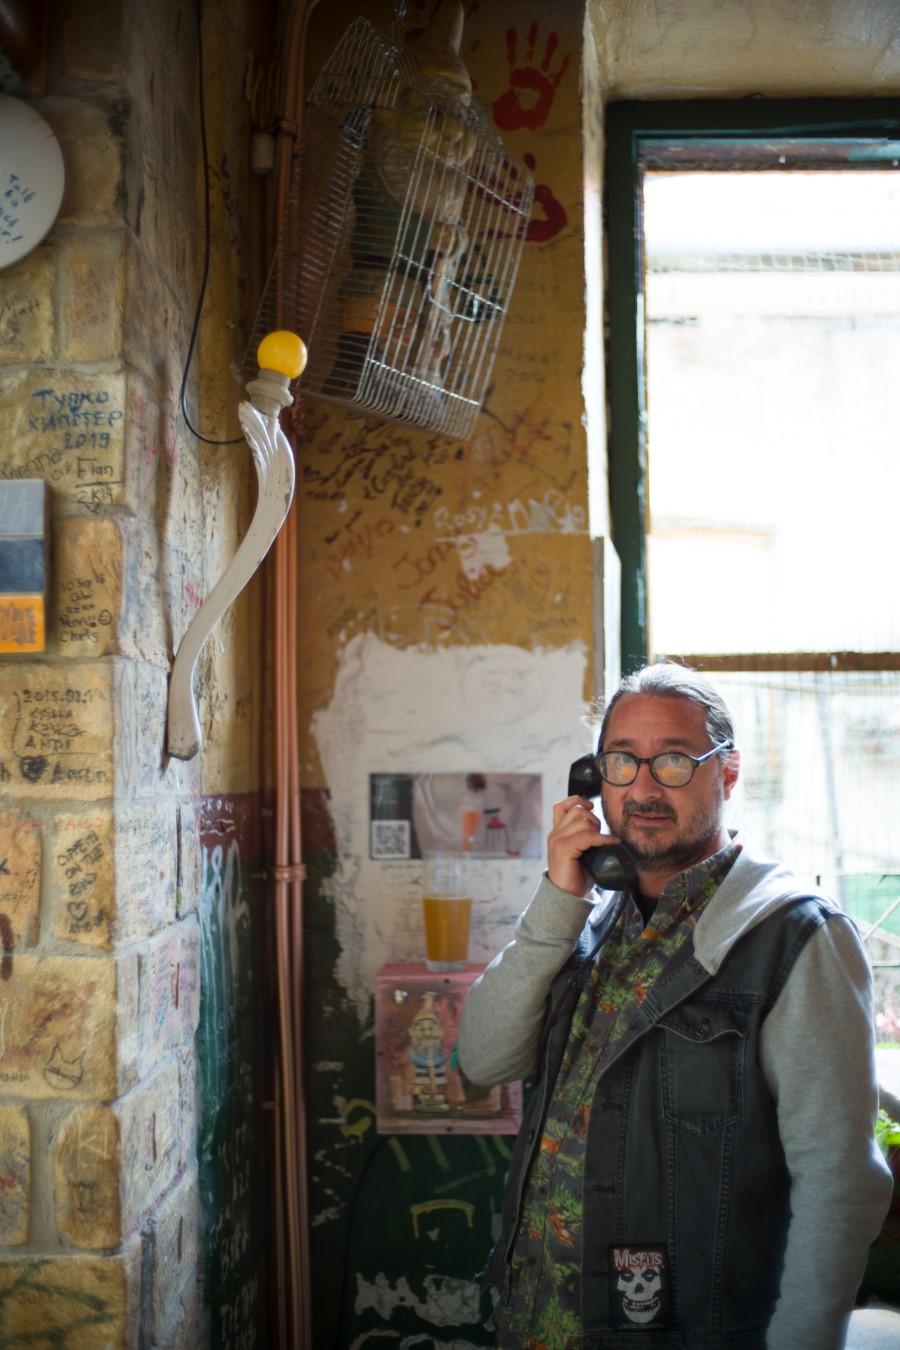 Cserna-Szabó András és a szövegét elmondó telefonkagyló a Szimpla Kertben (fotó: Todoroff Lázár)